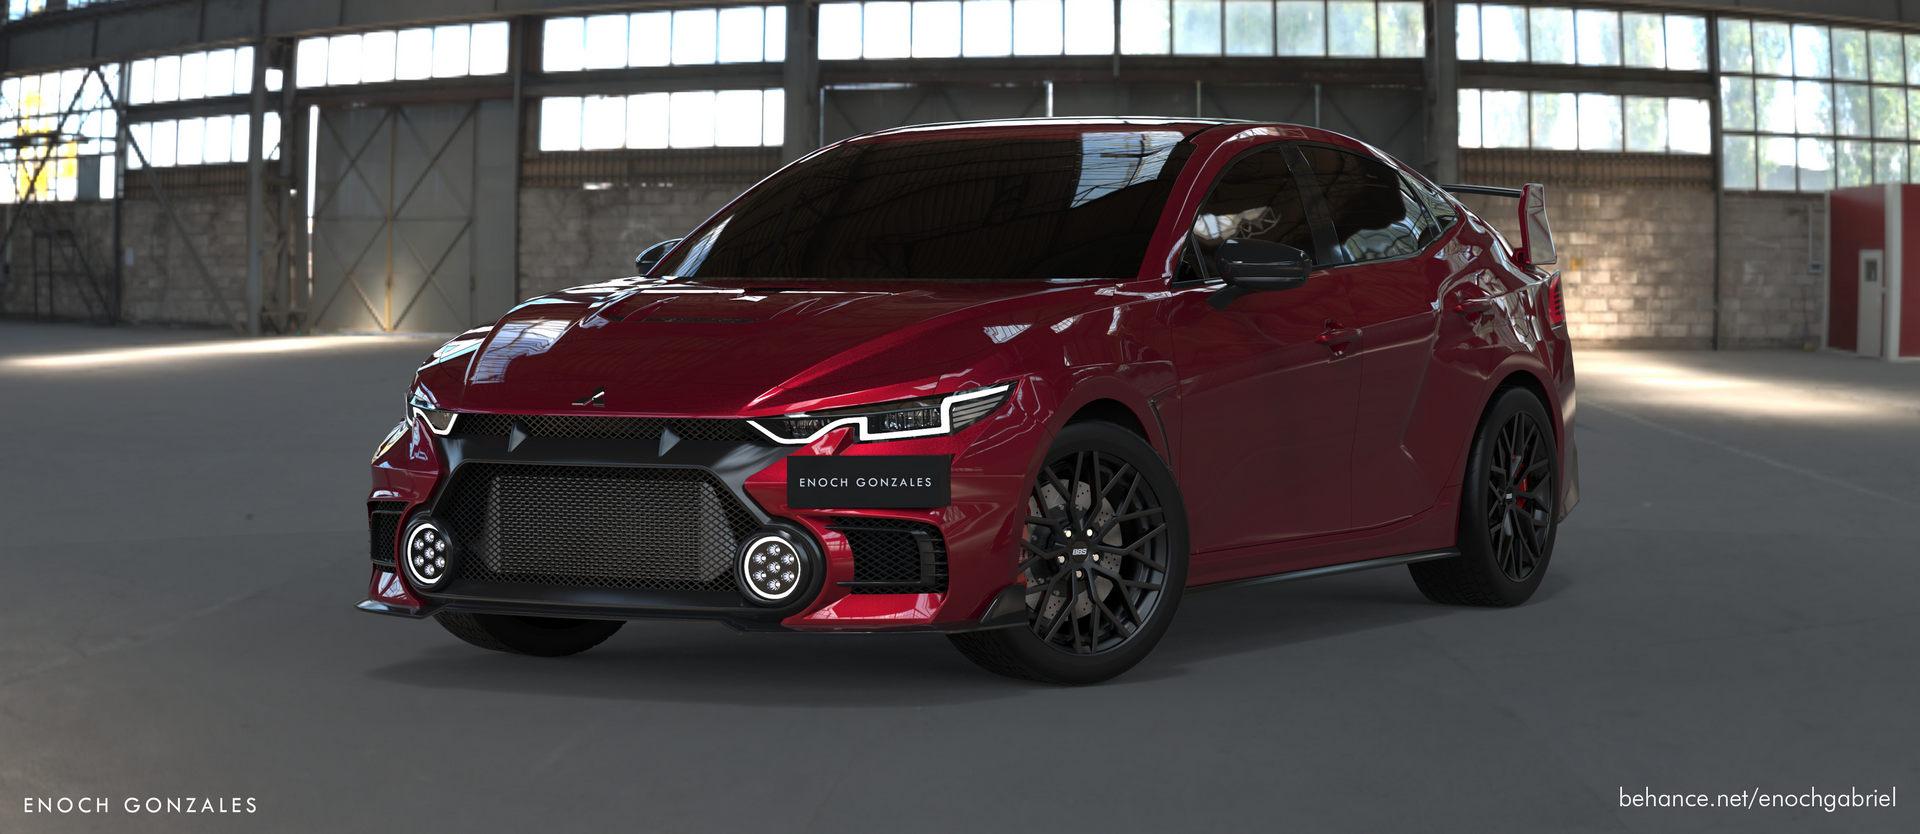 Mitsubishi-Lancer-Evo-XII-renderings-2